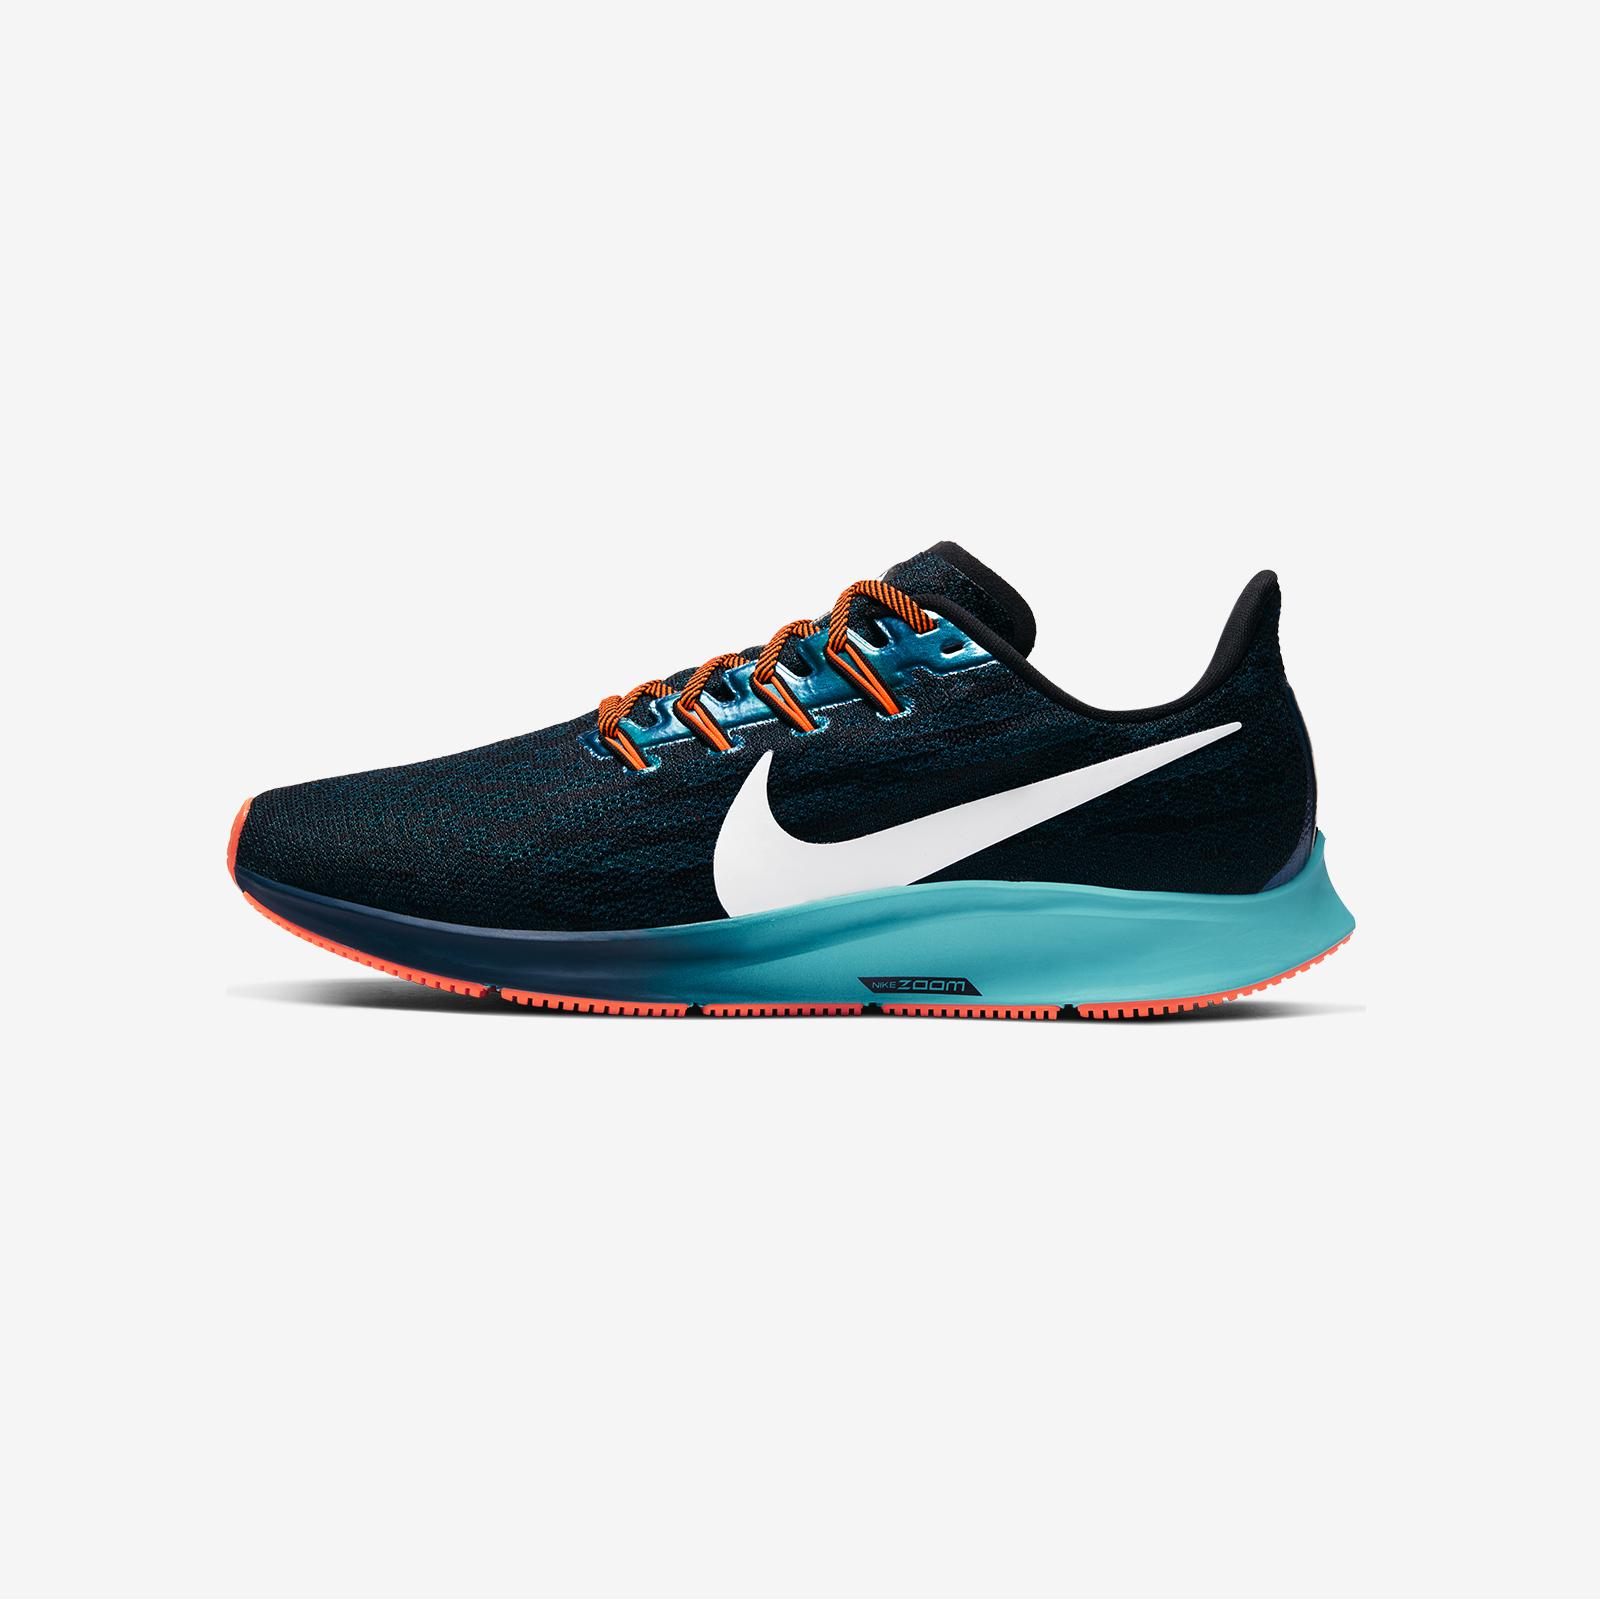 کفش مخصوص دویدن مردانه نایکی مدل CD4573-001 -  - 9